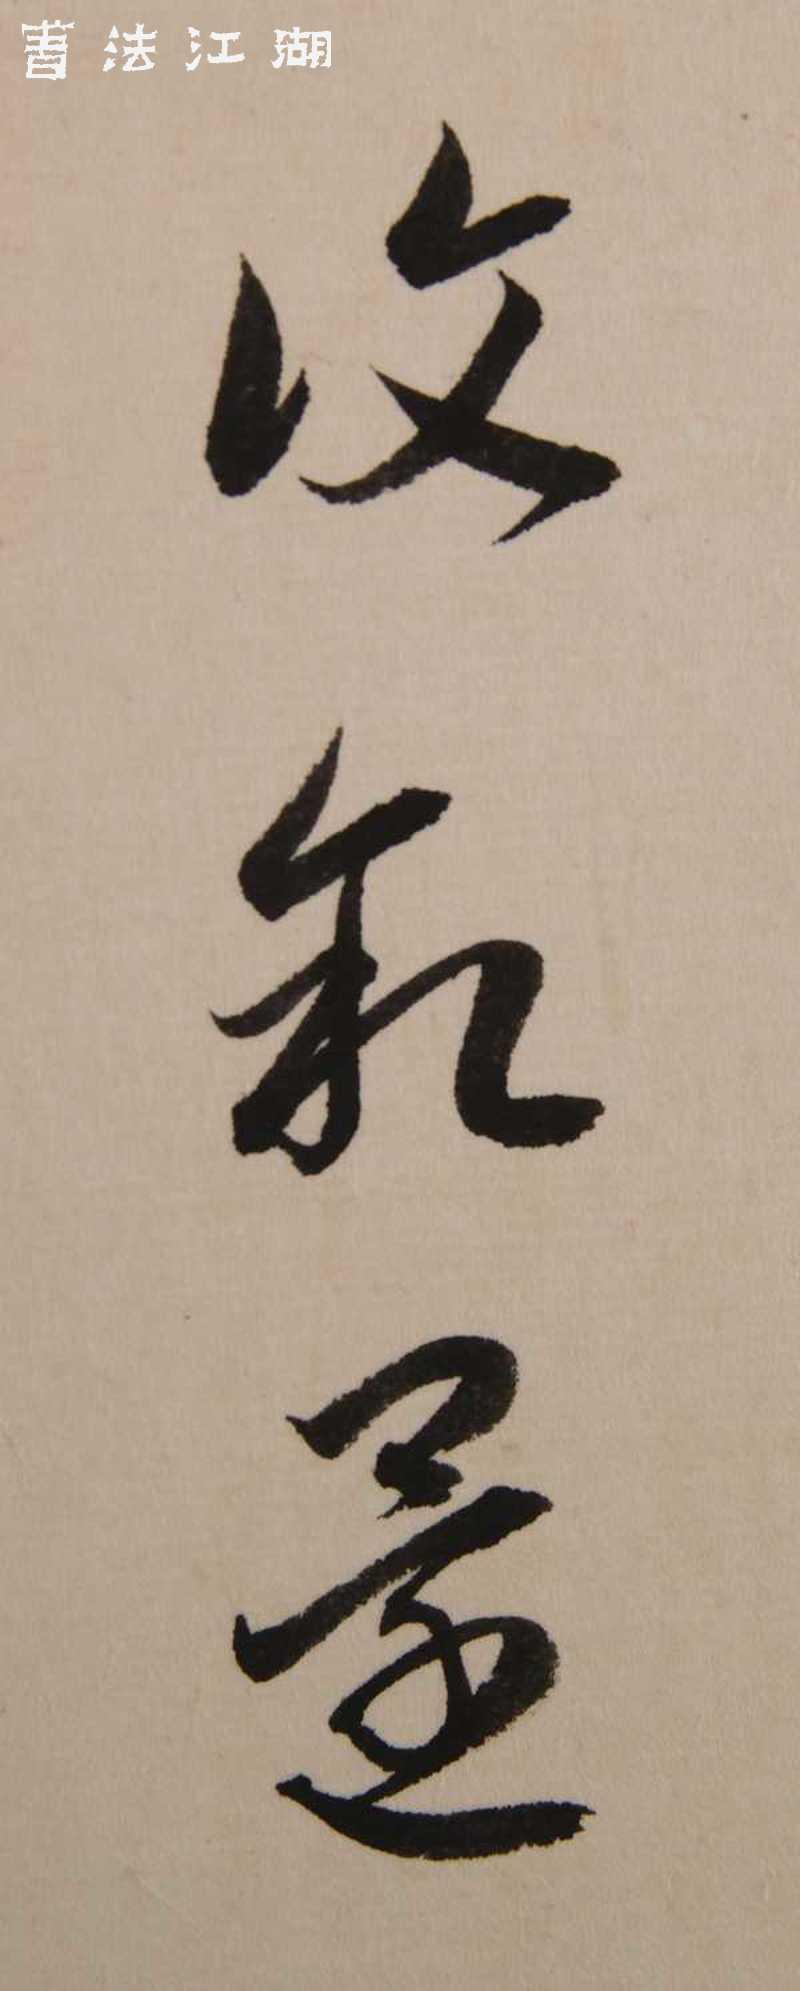 罗纹3.jpg